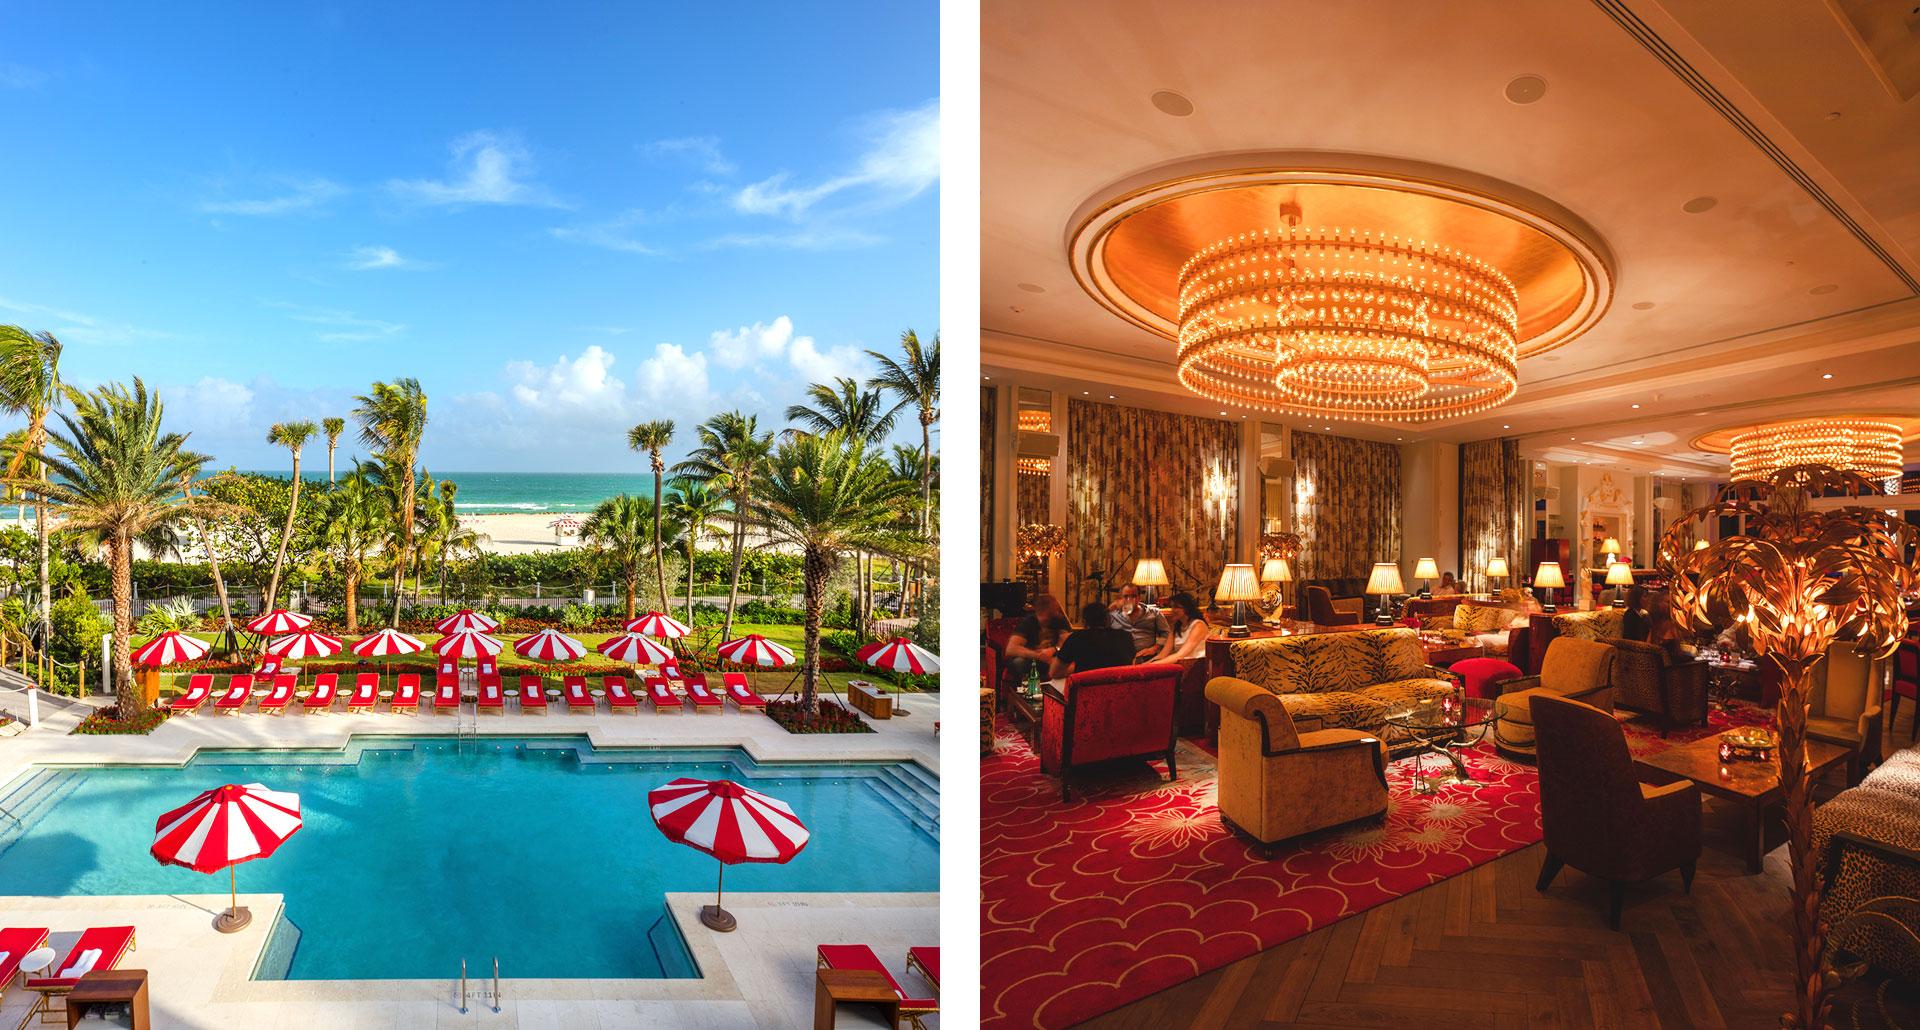 Faena Hotel Miami Beach - boutique hotel in Miami